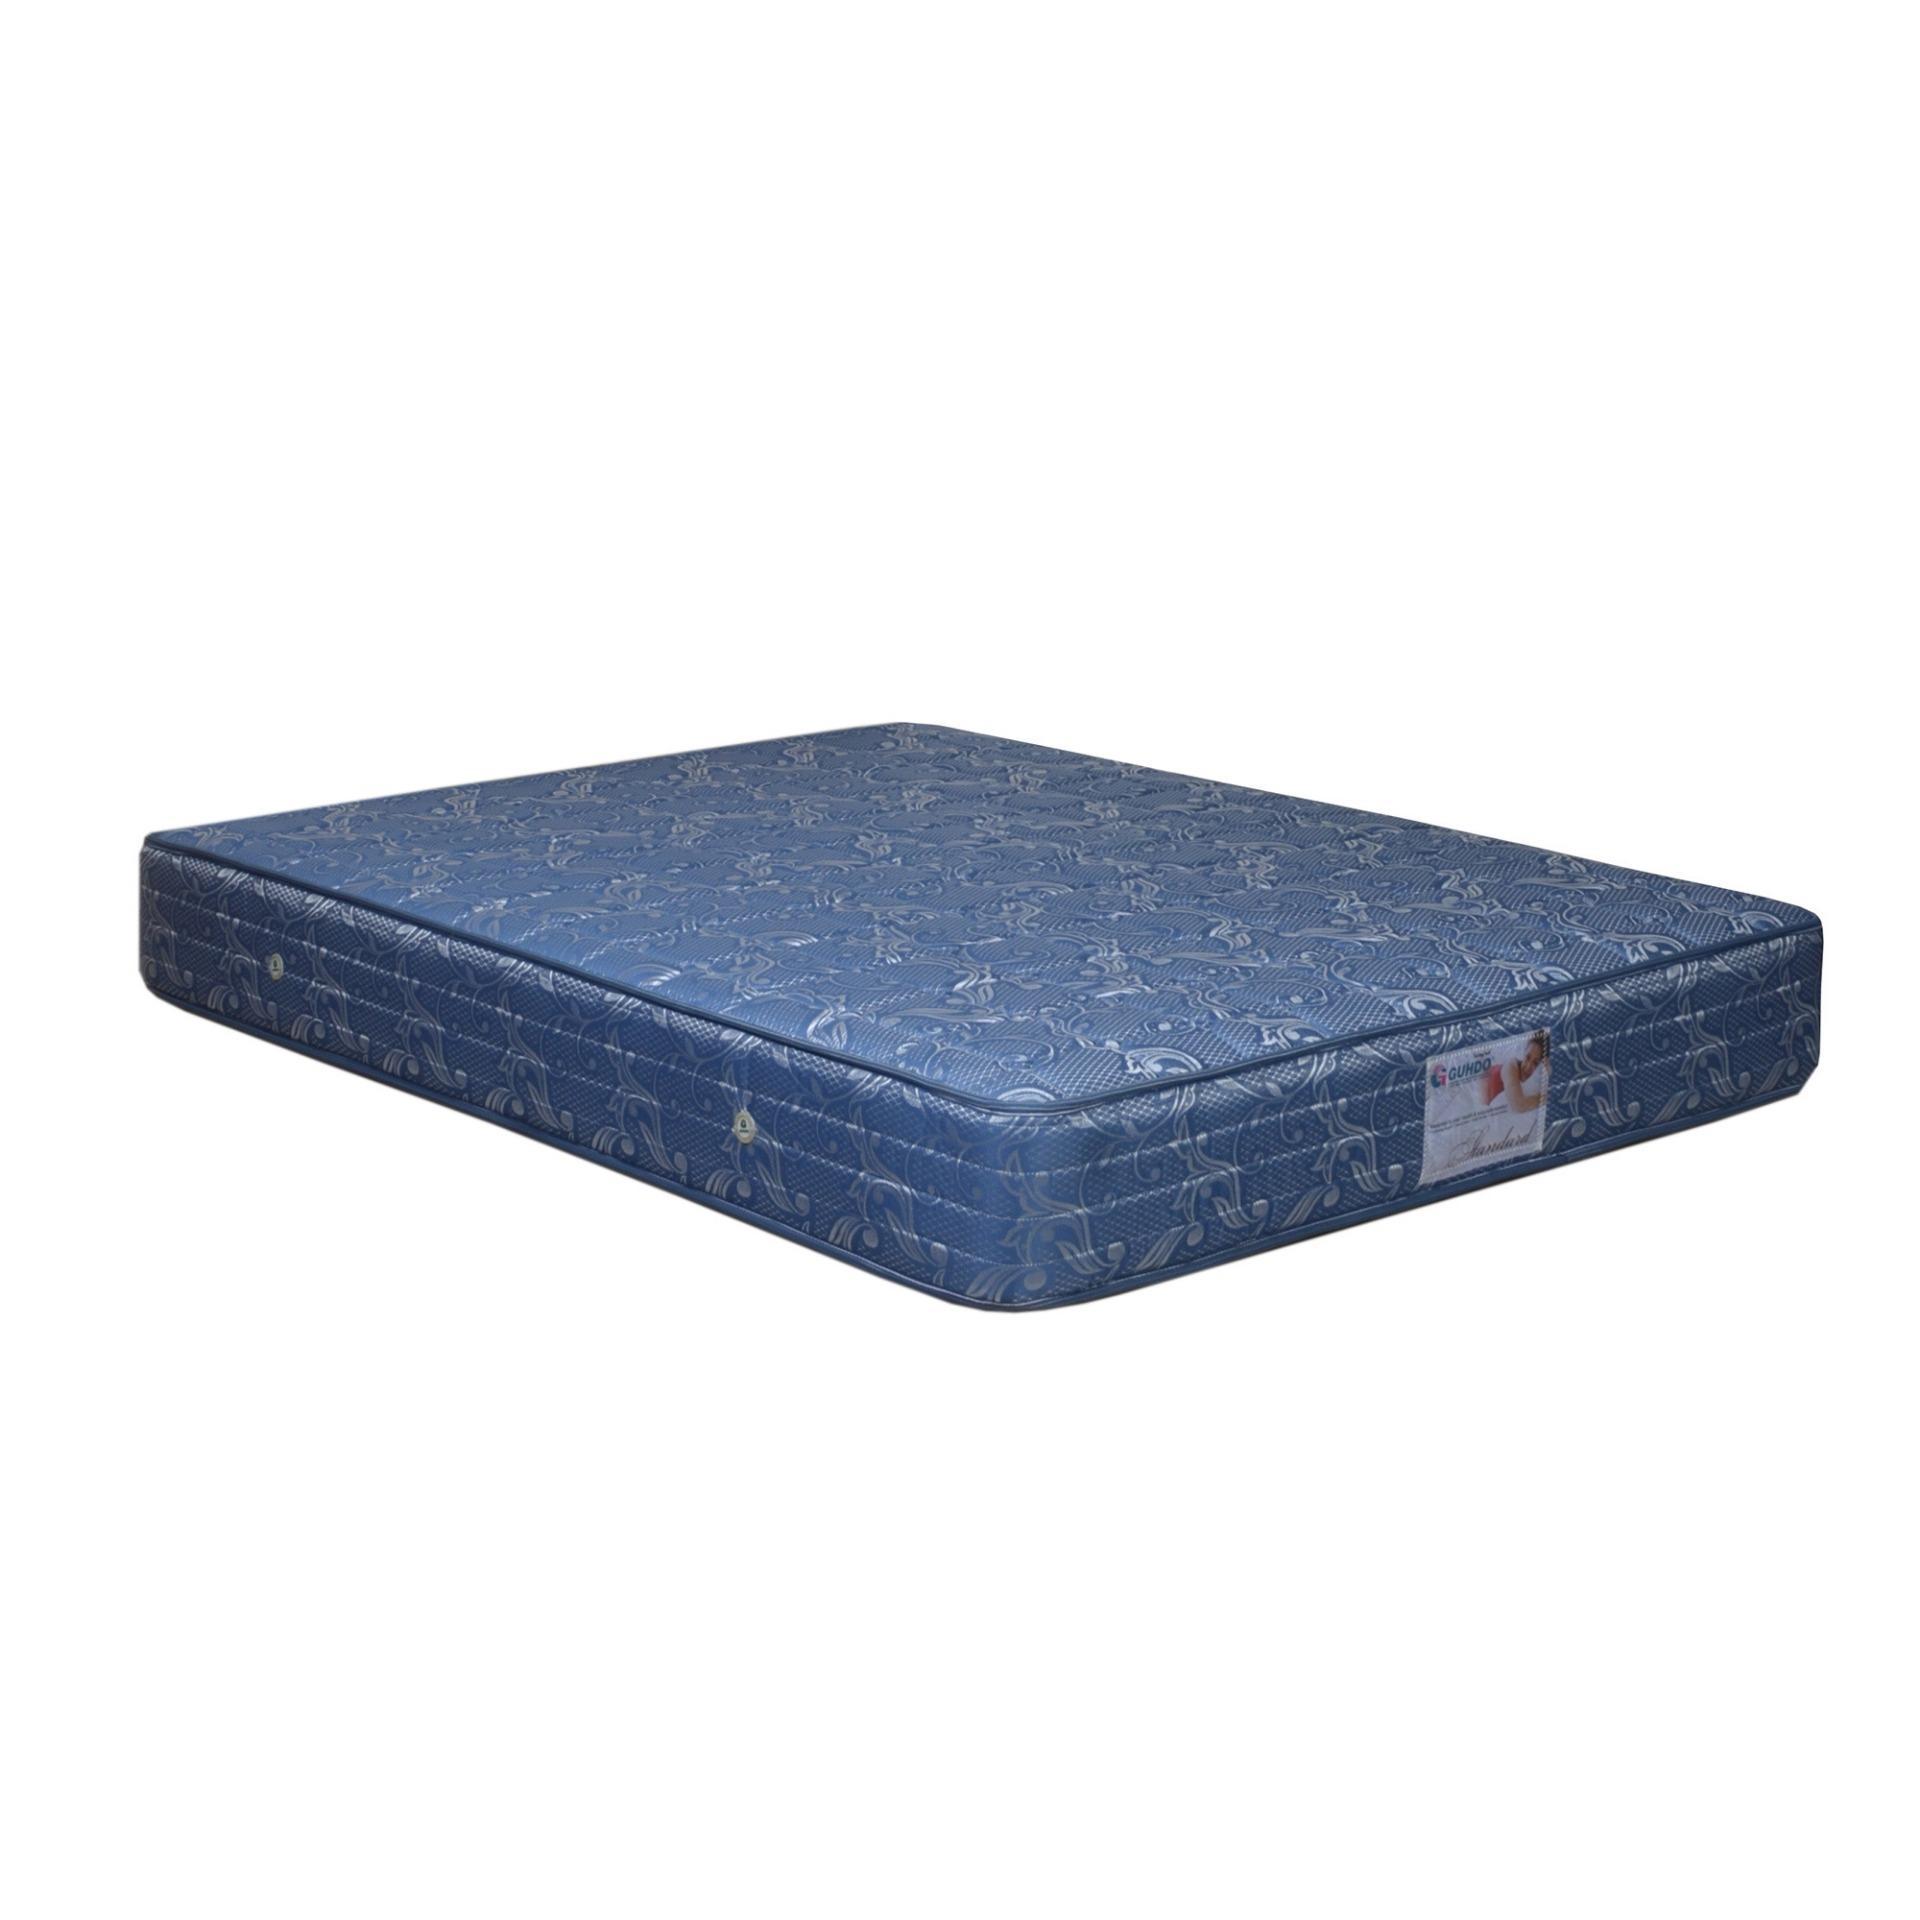 Guhdo Springbed New Prima Size 160 x 200 Ketebalan 25 Cm - Mattress Only - Biru - Khusus Jabodetabek